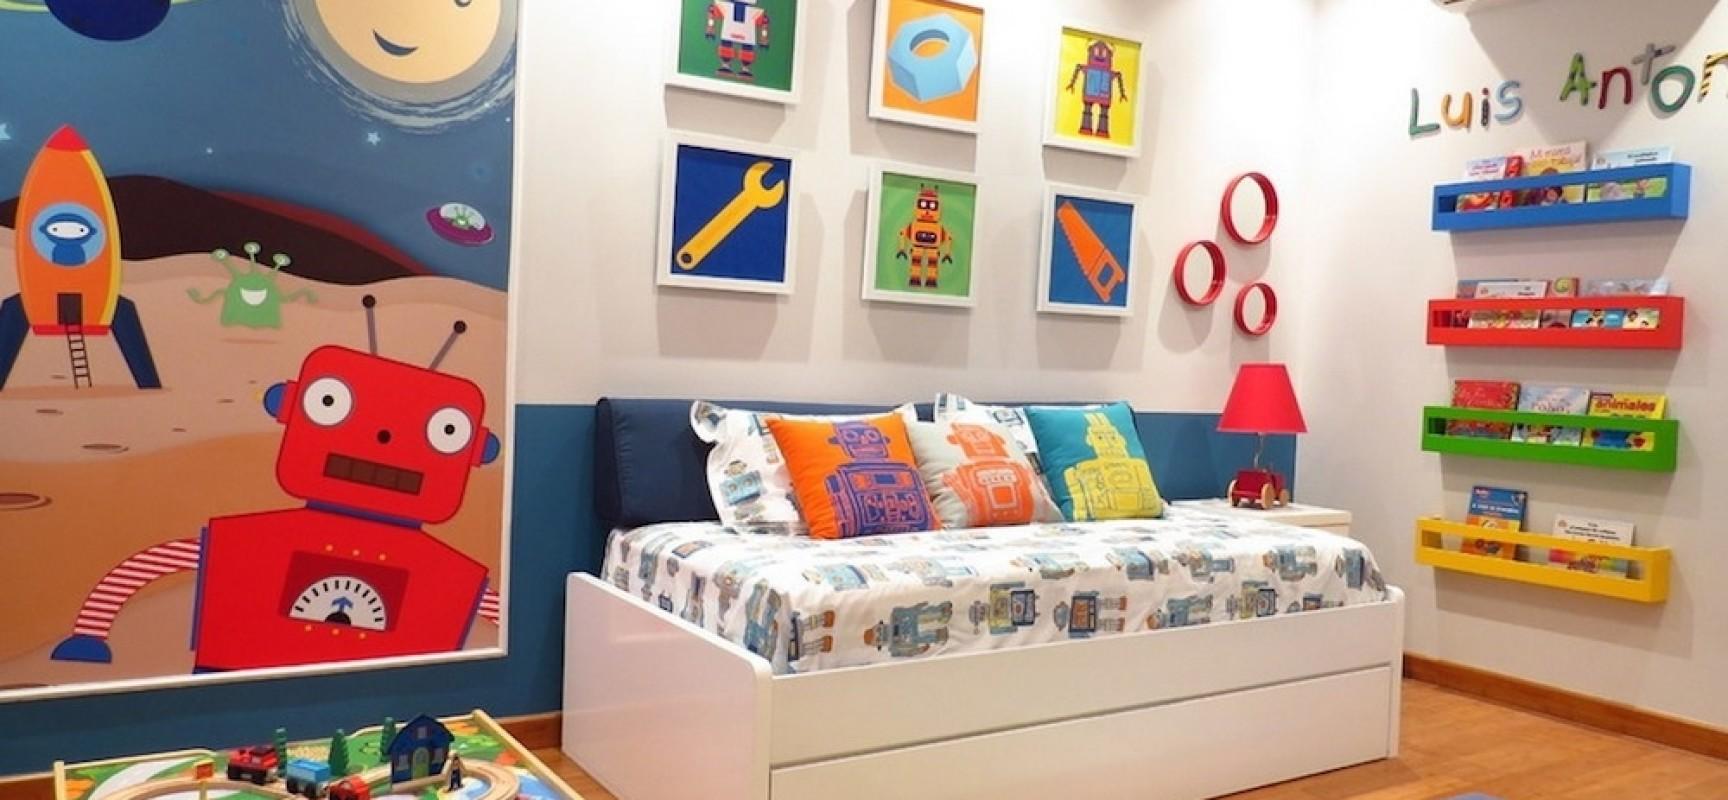 تصاميم غرف أطفال تنموا معهم | ArchArabia | اركارابيا